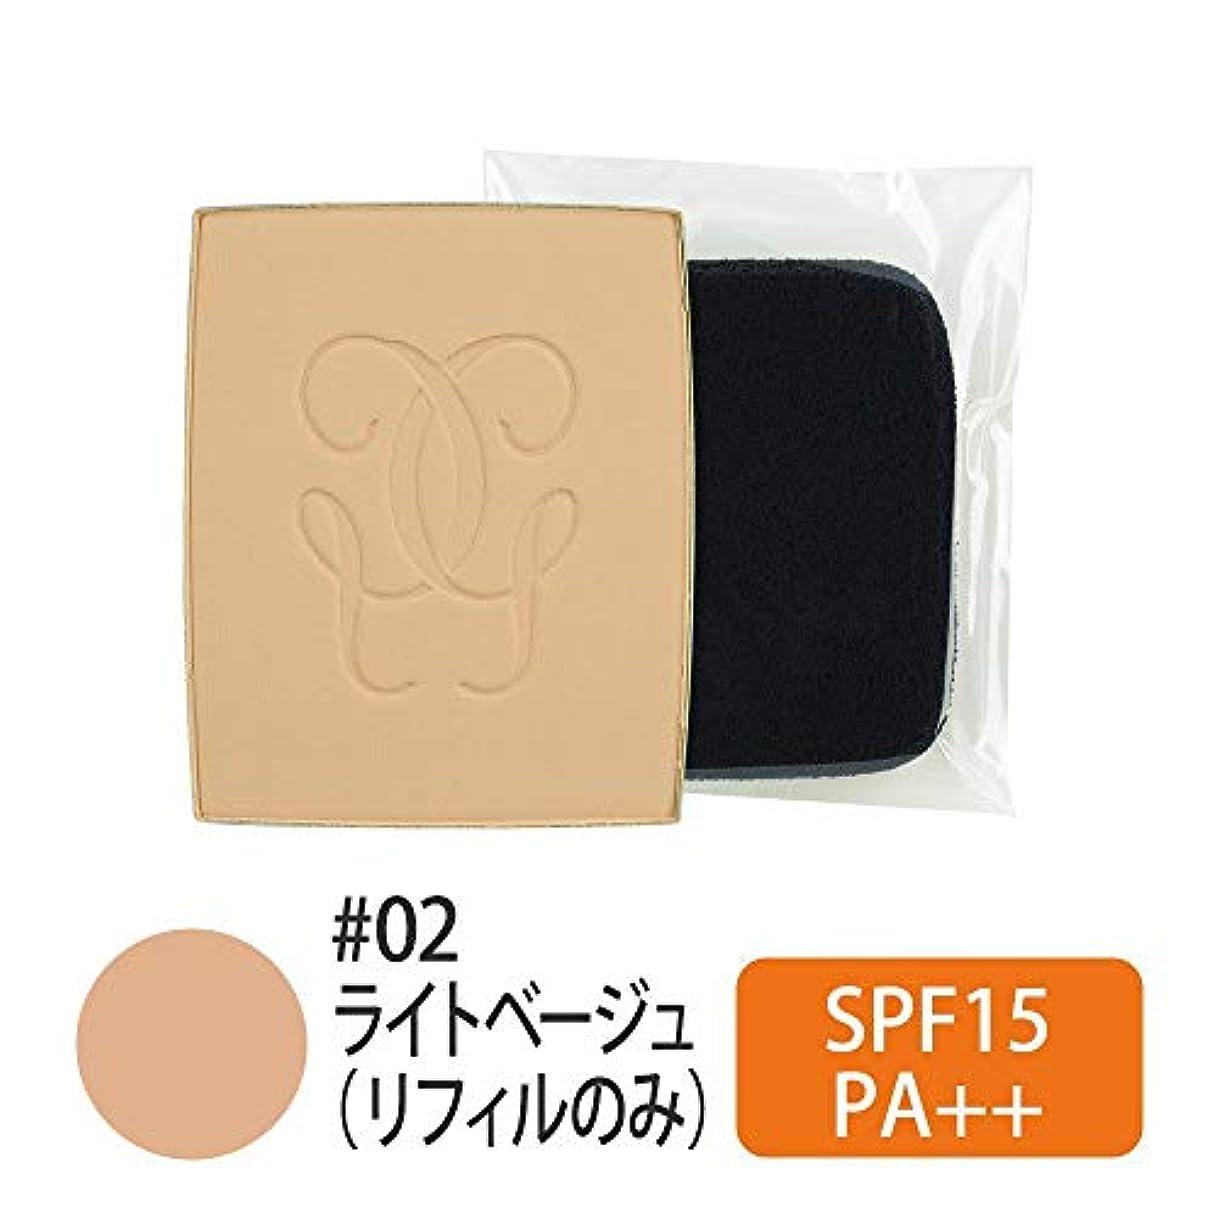 和フックオーロックゲラン(Guerlain) 【リフィルのみ】パリュール ゴールド コンパクト SPF15/PA++ #02(ライトベージュ) [並行輸入品]